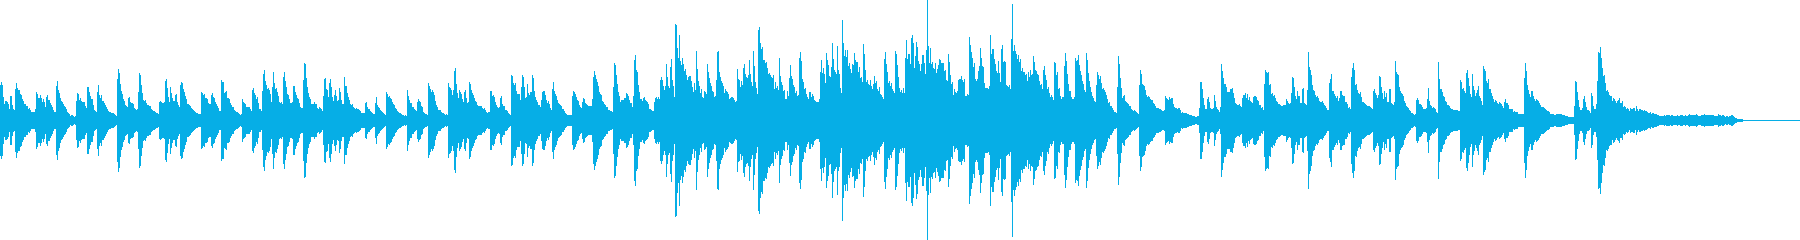 瞑想的なサウンドトラックはピアノか...の再生済みの波形